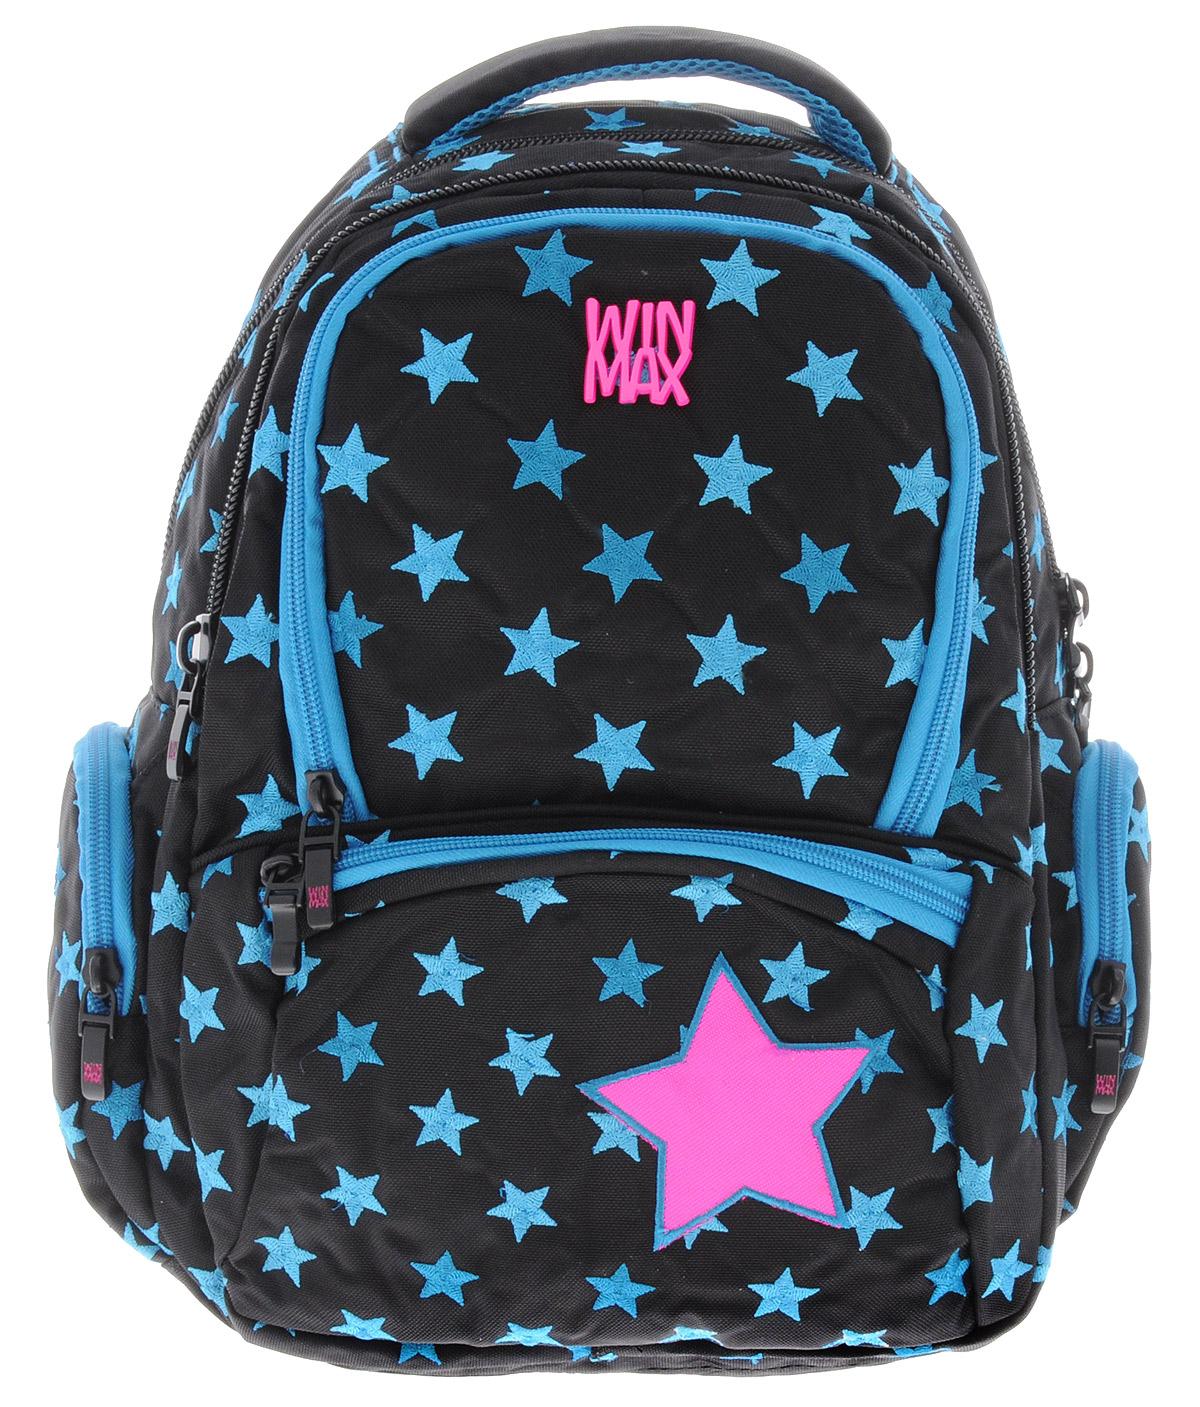 WinMax Рюкзак детский цвет черный бирюзовый K-374K-374_чер/бирюзРюкзак WinMax, украшенный россыпью шелковой вышивки в виде звезд, это совершенно удивительный по качеству и красоте рюкзак. Каждая ниточка с любовью вписана в общий орнамент, а неоновые цвета делают его модным и стильным. Можно с уверенностью сказать, что если вы будете иметь такой рюкзак, окружающие вас люди оценят стиль и качество изделия. Эта модель не только красива и оригинальна, но также очень практична и удобна. Благодаря качественному, легкому и прочному материалу, рюкзак долговечен в носке, а множество отделений поможет разместить все необходимые вещи школьницы. Если вы ищите, что-то совершенно необычное по стилю, оригинальное и качественное, советуем обратить внимание на него. Рюкзак имеет три основных отделения на молнии. Большое отделение содержит внутри мягкое отделение на липучке для планшета или ноутбука и открытый накладной карман-сетку. Отделение дополнено нашивкой, в которую можно занести личные данные владельца. Внутри второго отделения имеются два...